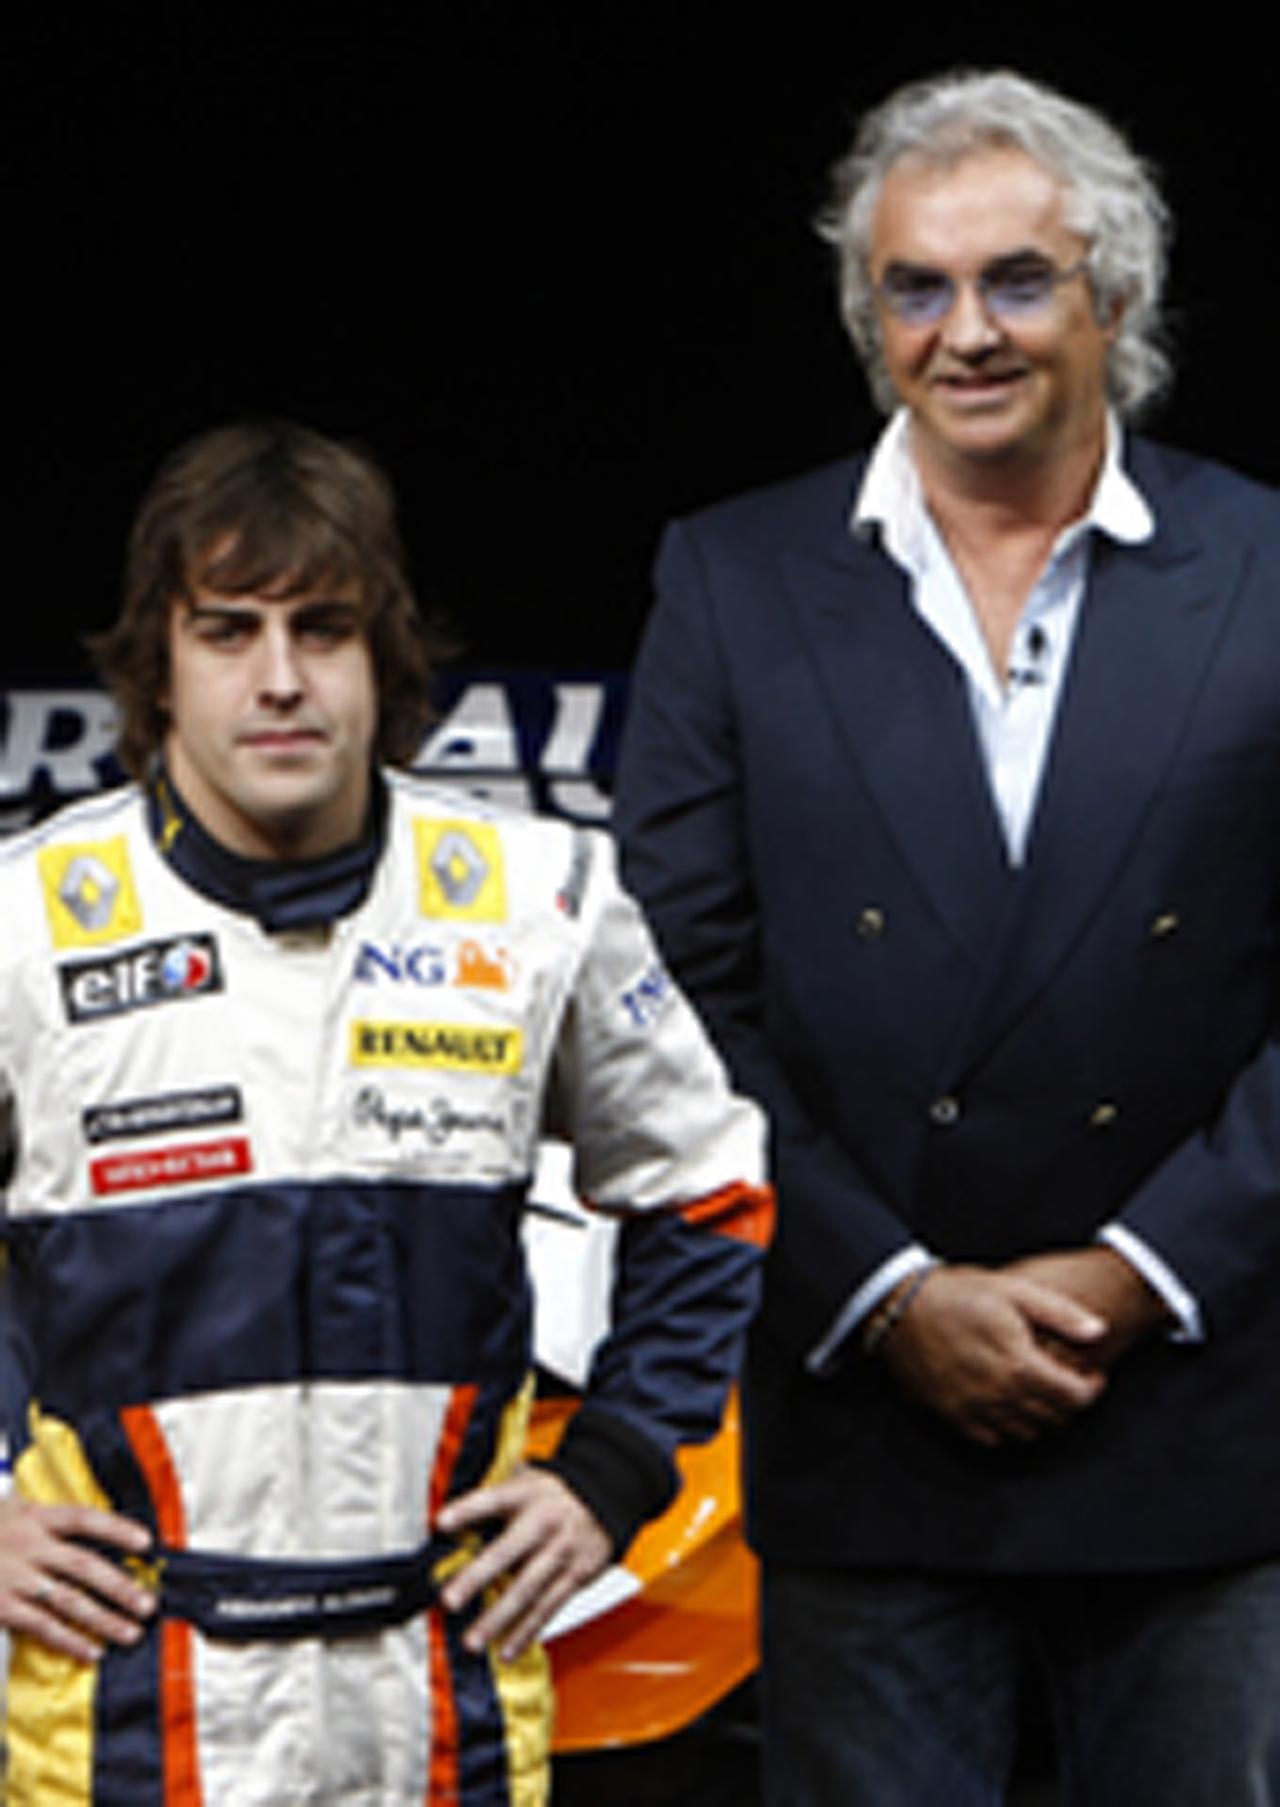 R28発表会でのフラビオ・ブリアトーレとフェルナンド・アロンソ(画像)